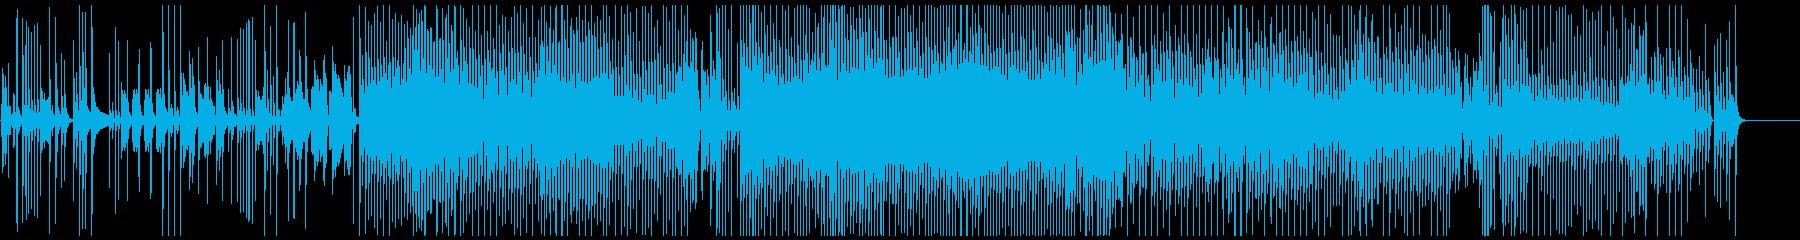 キッズやペットのかわいい系ほのぼの映像にの再生済みの波形